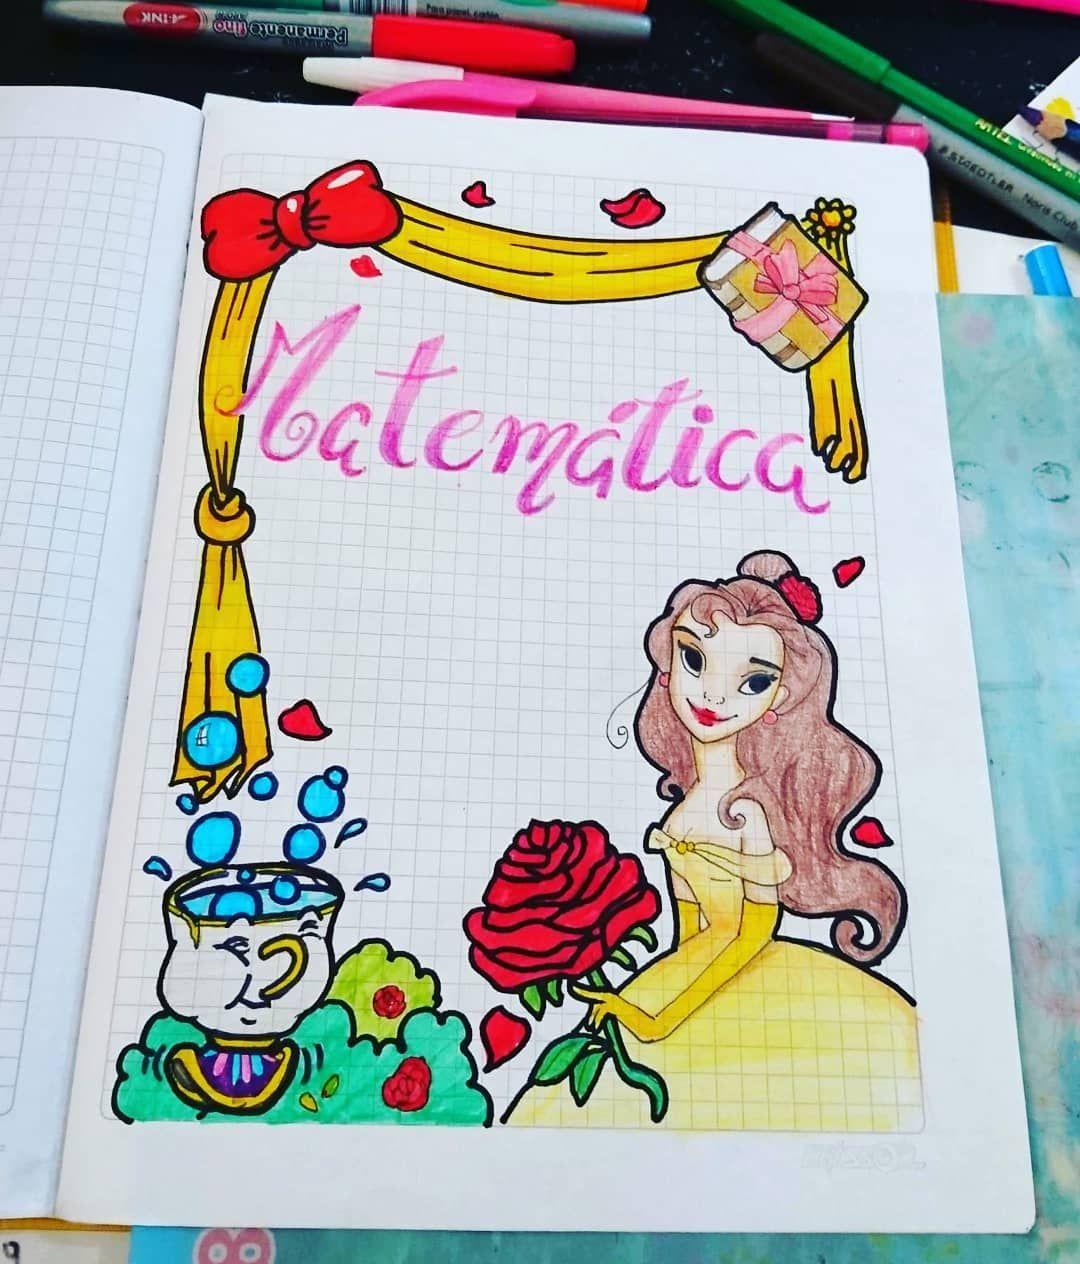 Caratula Con Tematica De Bella De Disney Para Cuaderno De Matematica Y Apuntes Caratulas Para Cuadernos Formas De Marcar Cuadernos Marcas De Cuadernos